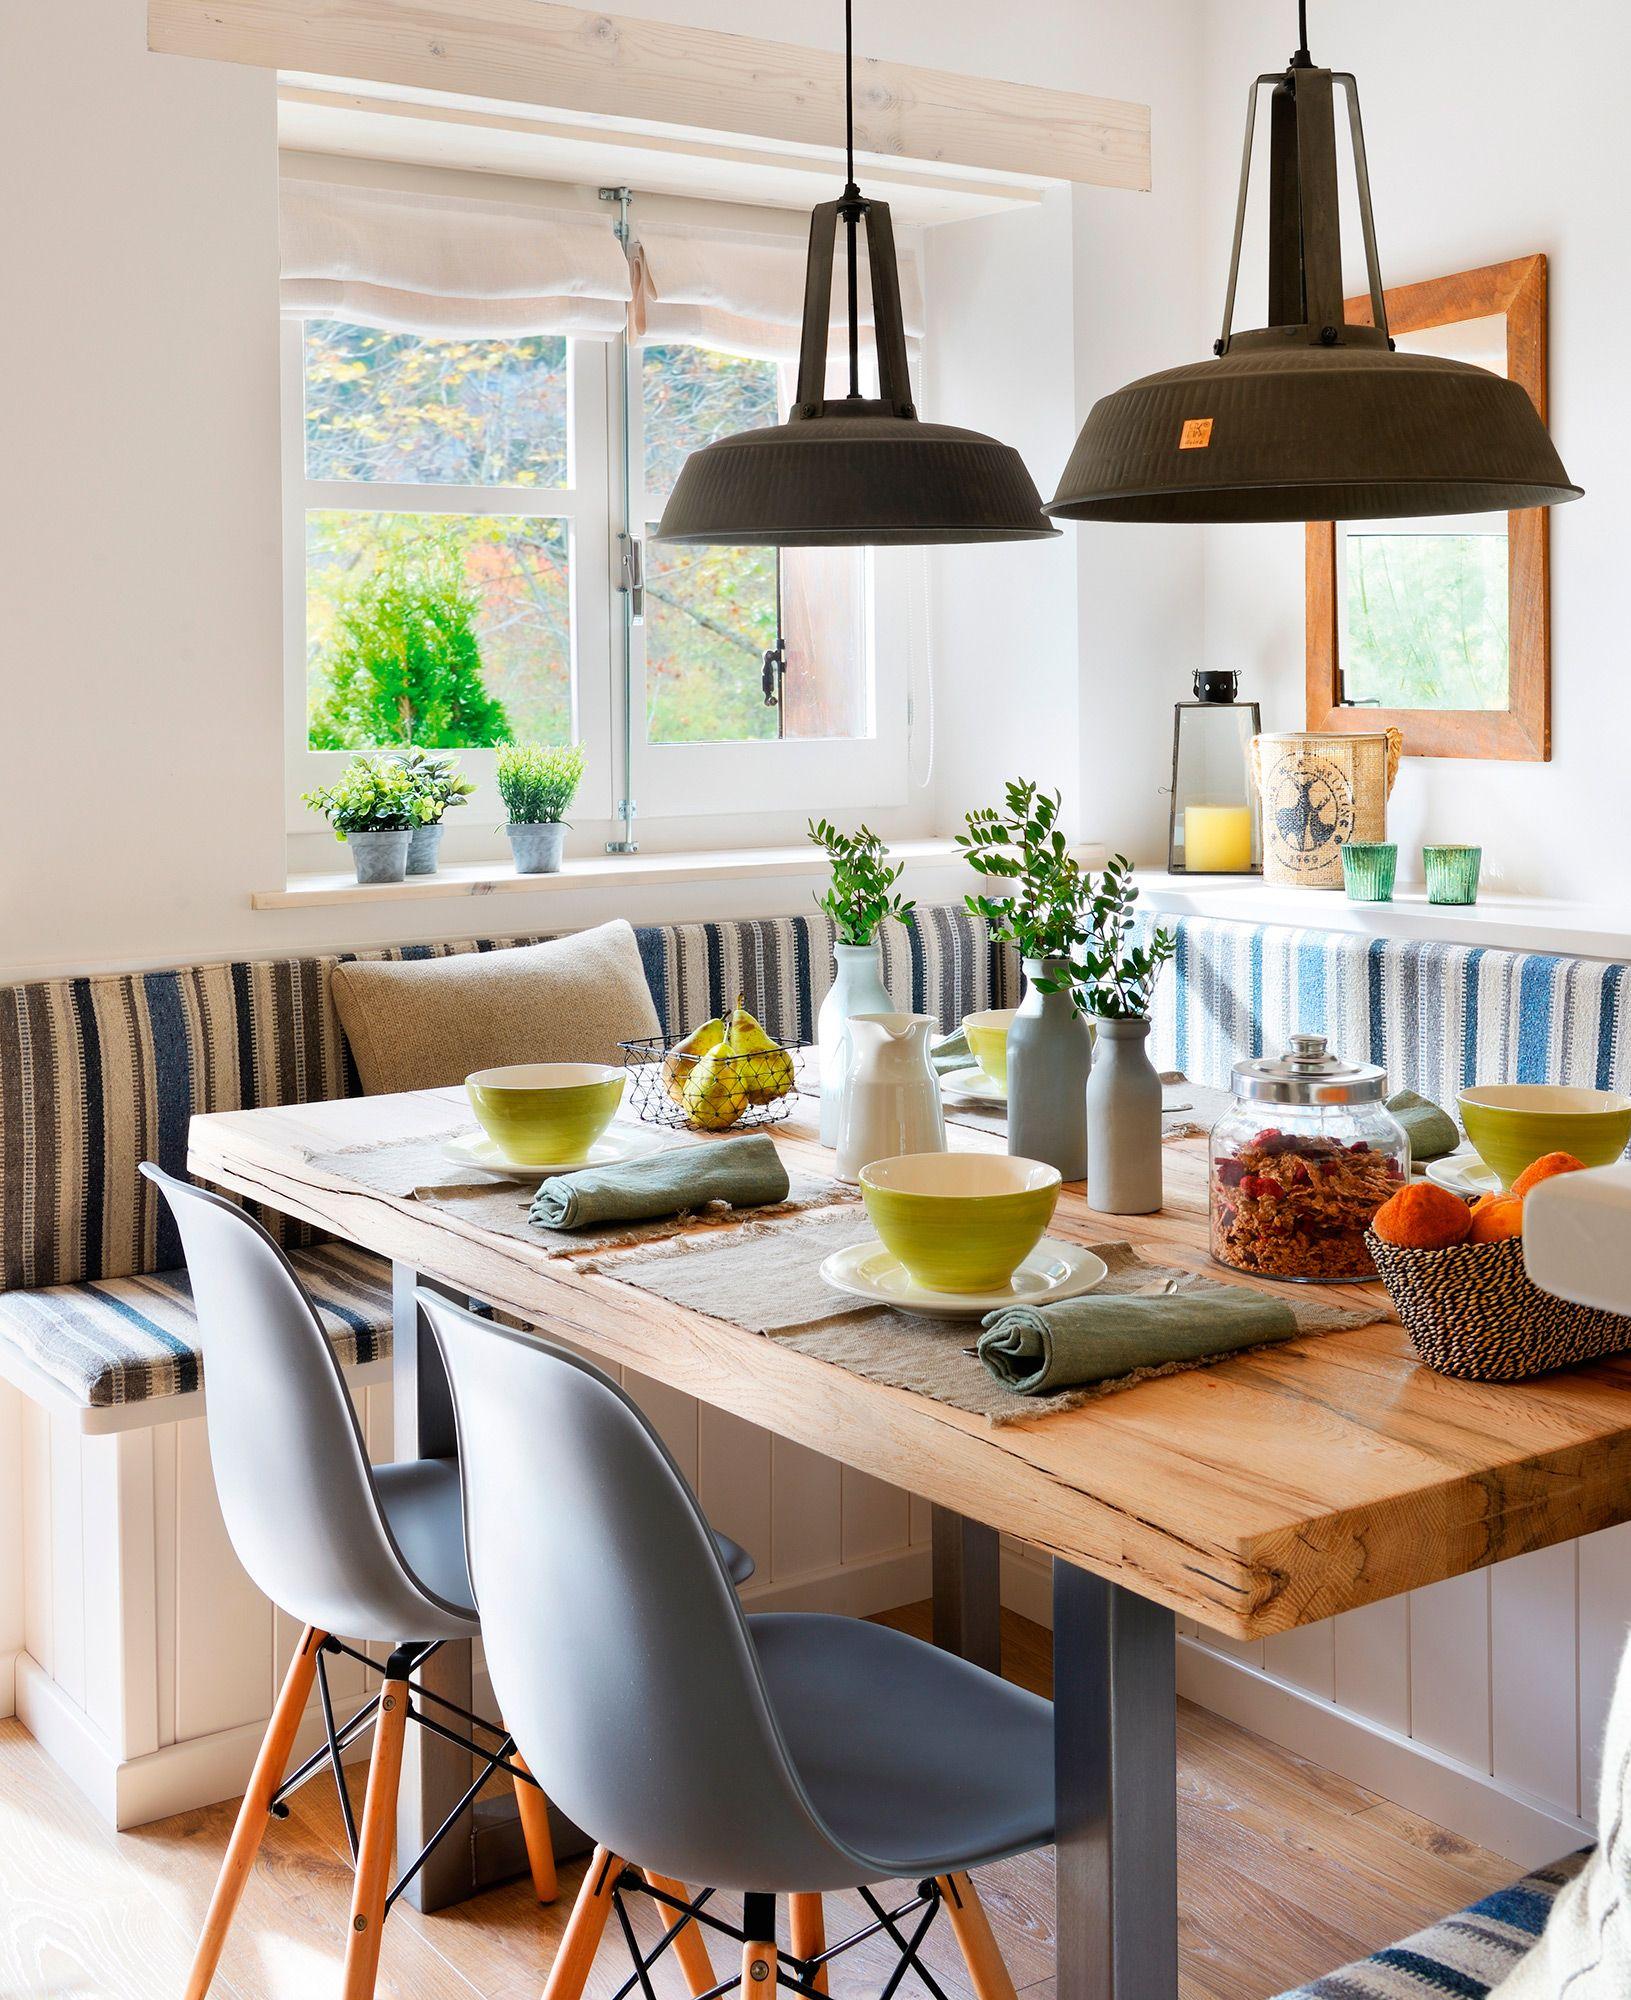 Comedor con banco en u a medida cojines a rayas blanco y for Mesa cocina con banco rinconera